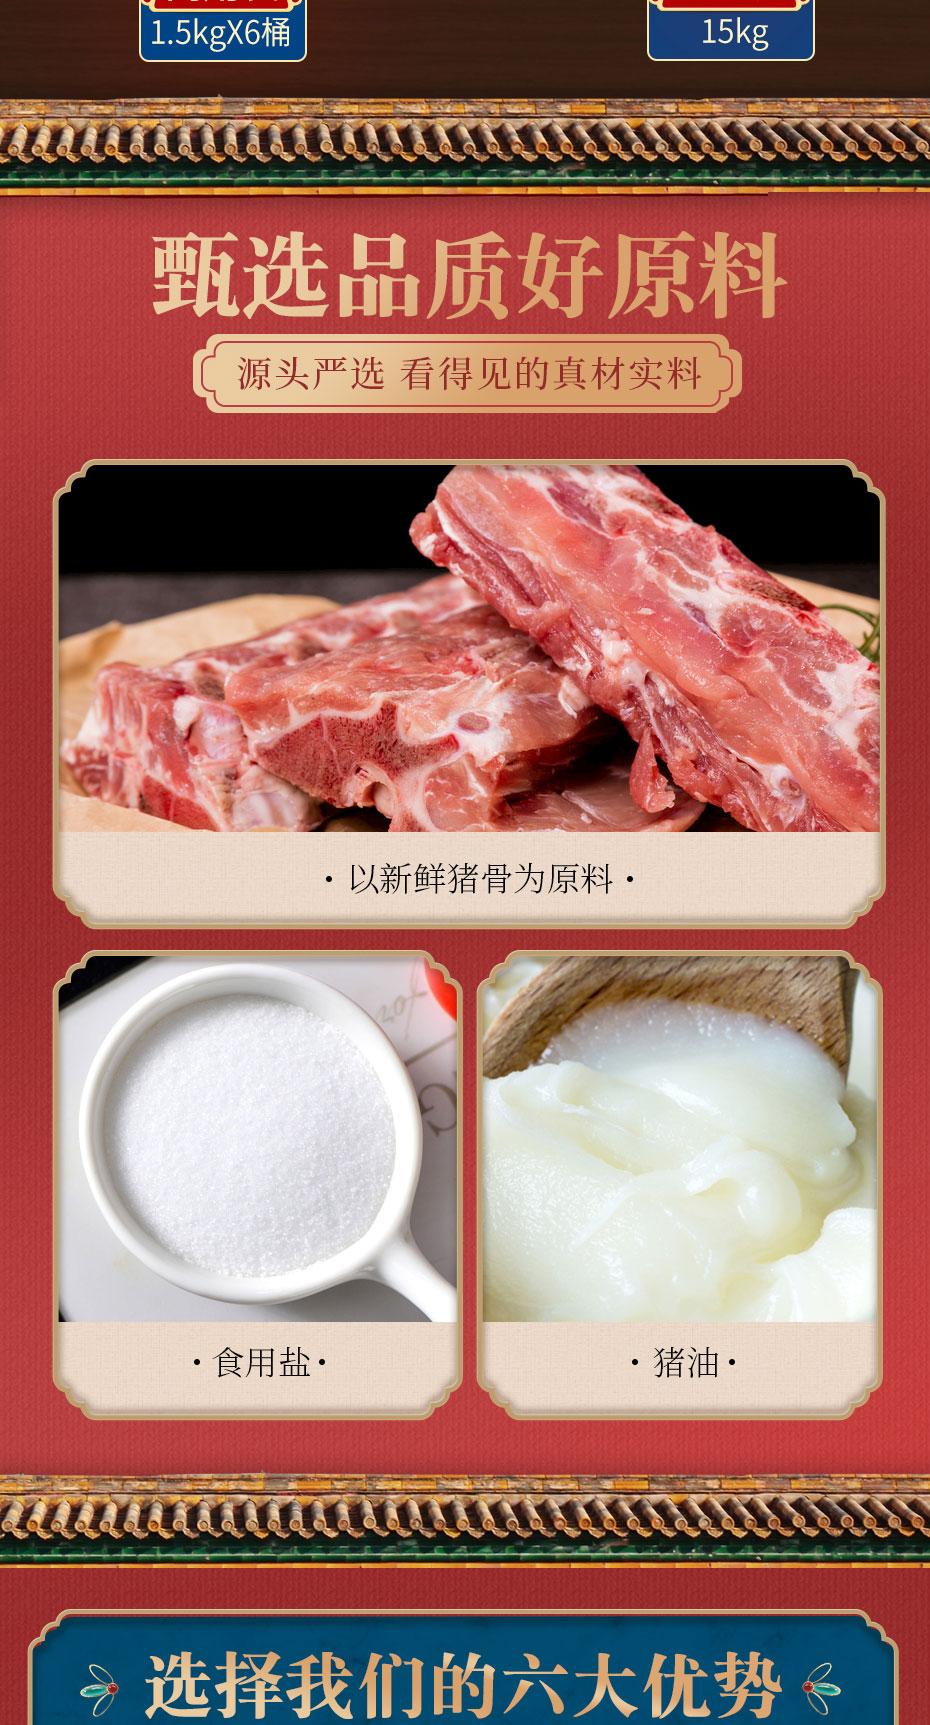 猪骨高汤详情_03